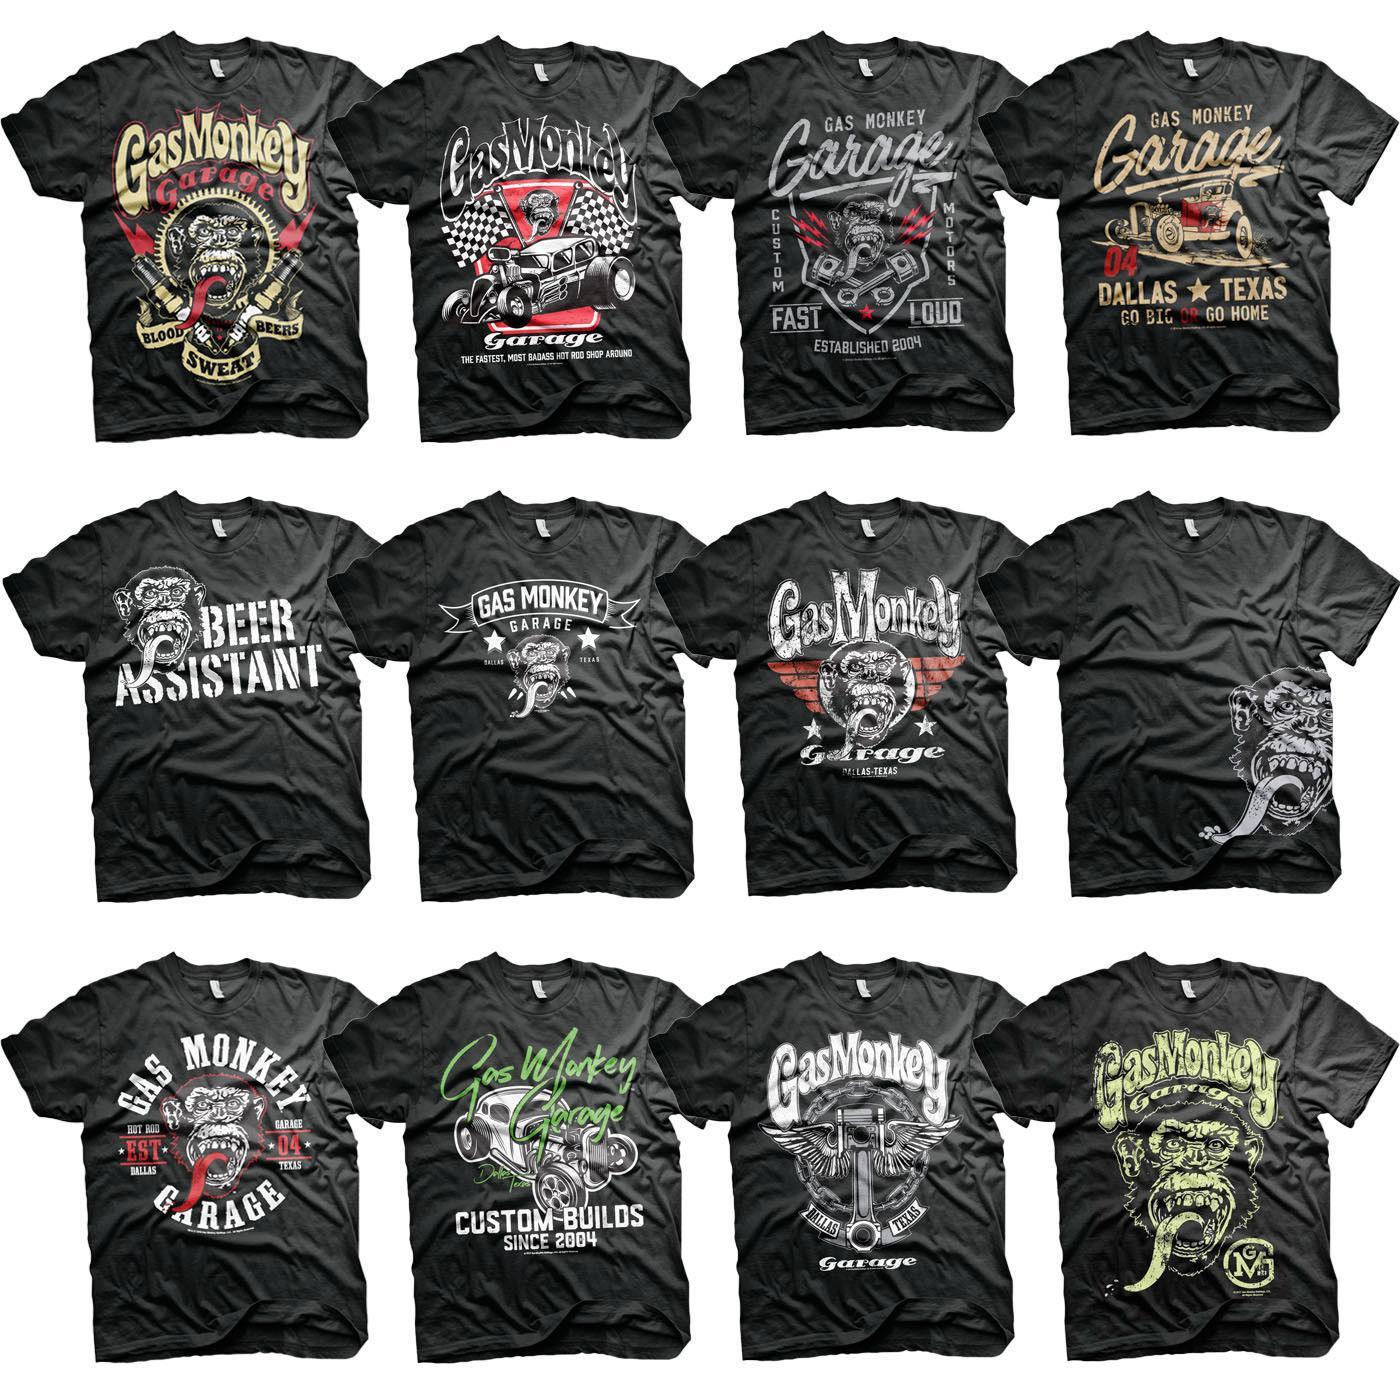 qualité stable professionnel de la vente à chaud nouveaux styles Official Gas Monkey Fast N Loud Gmg Builds Mens T-shirt Q190518